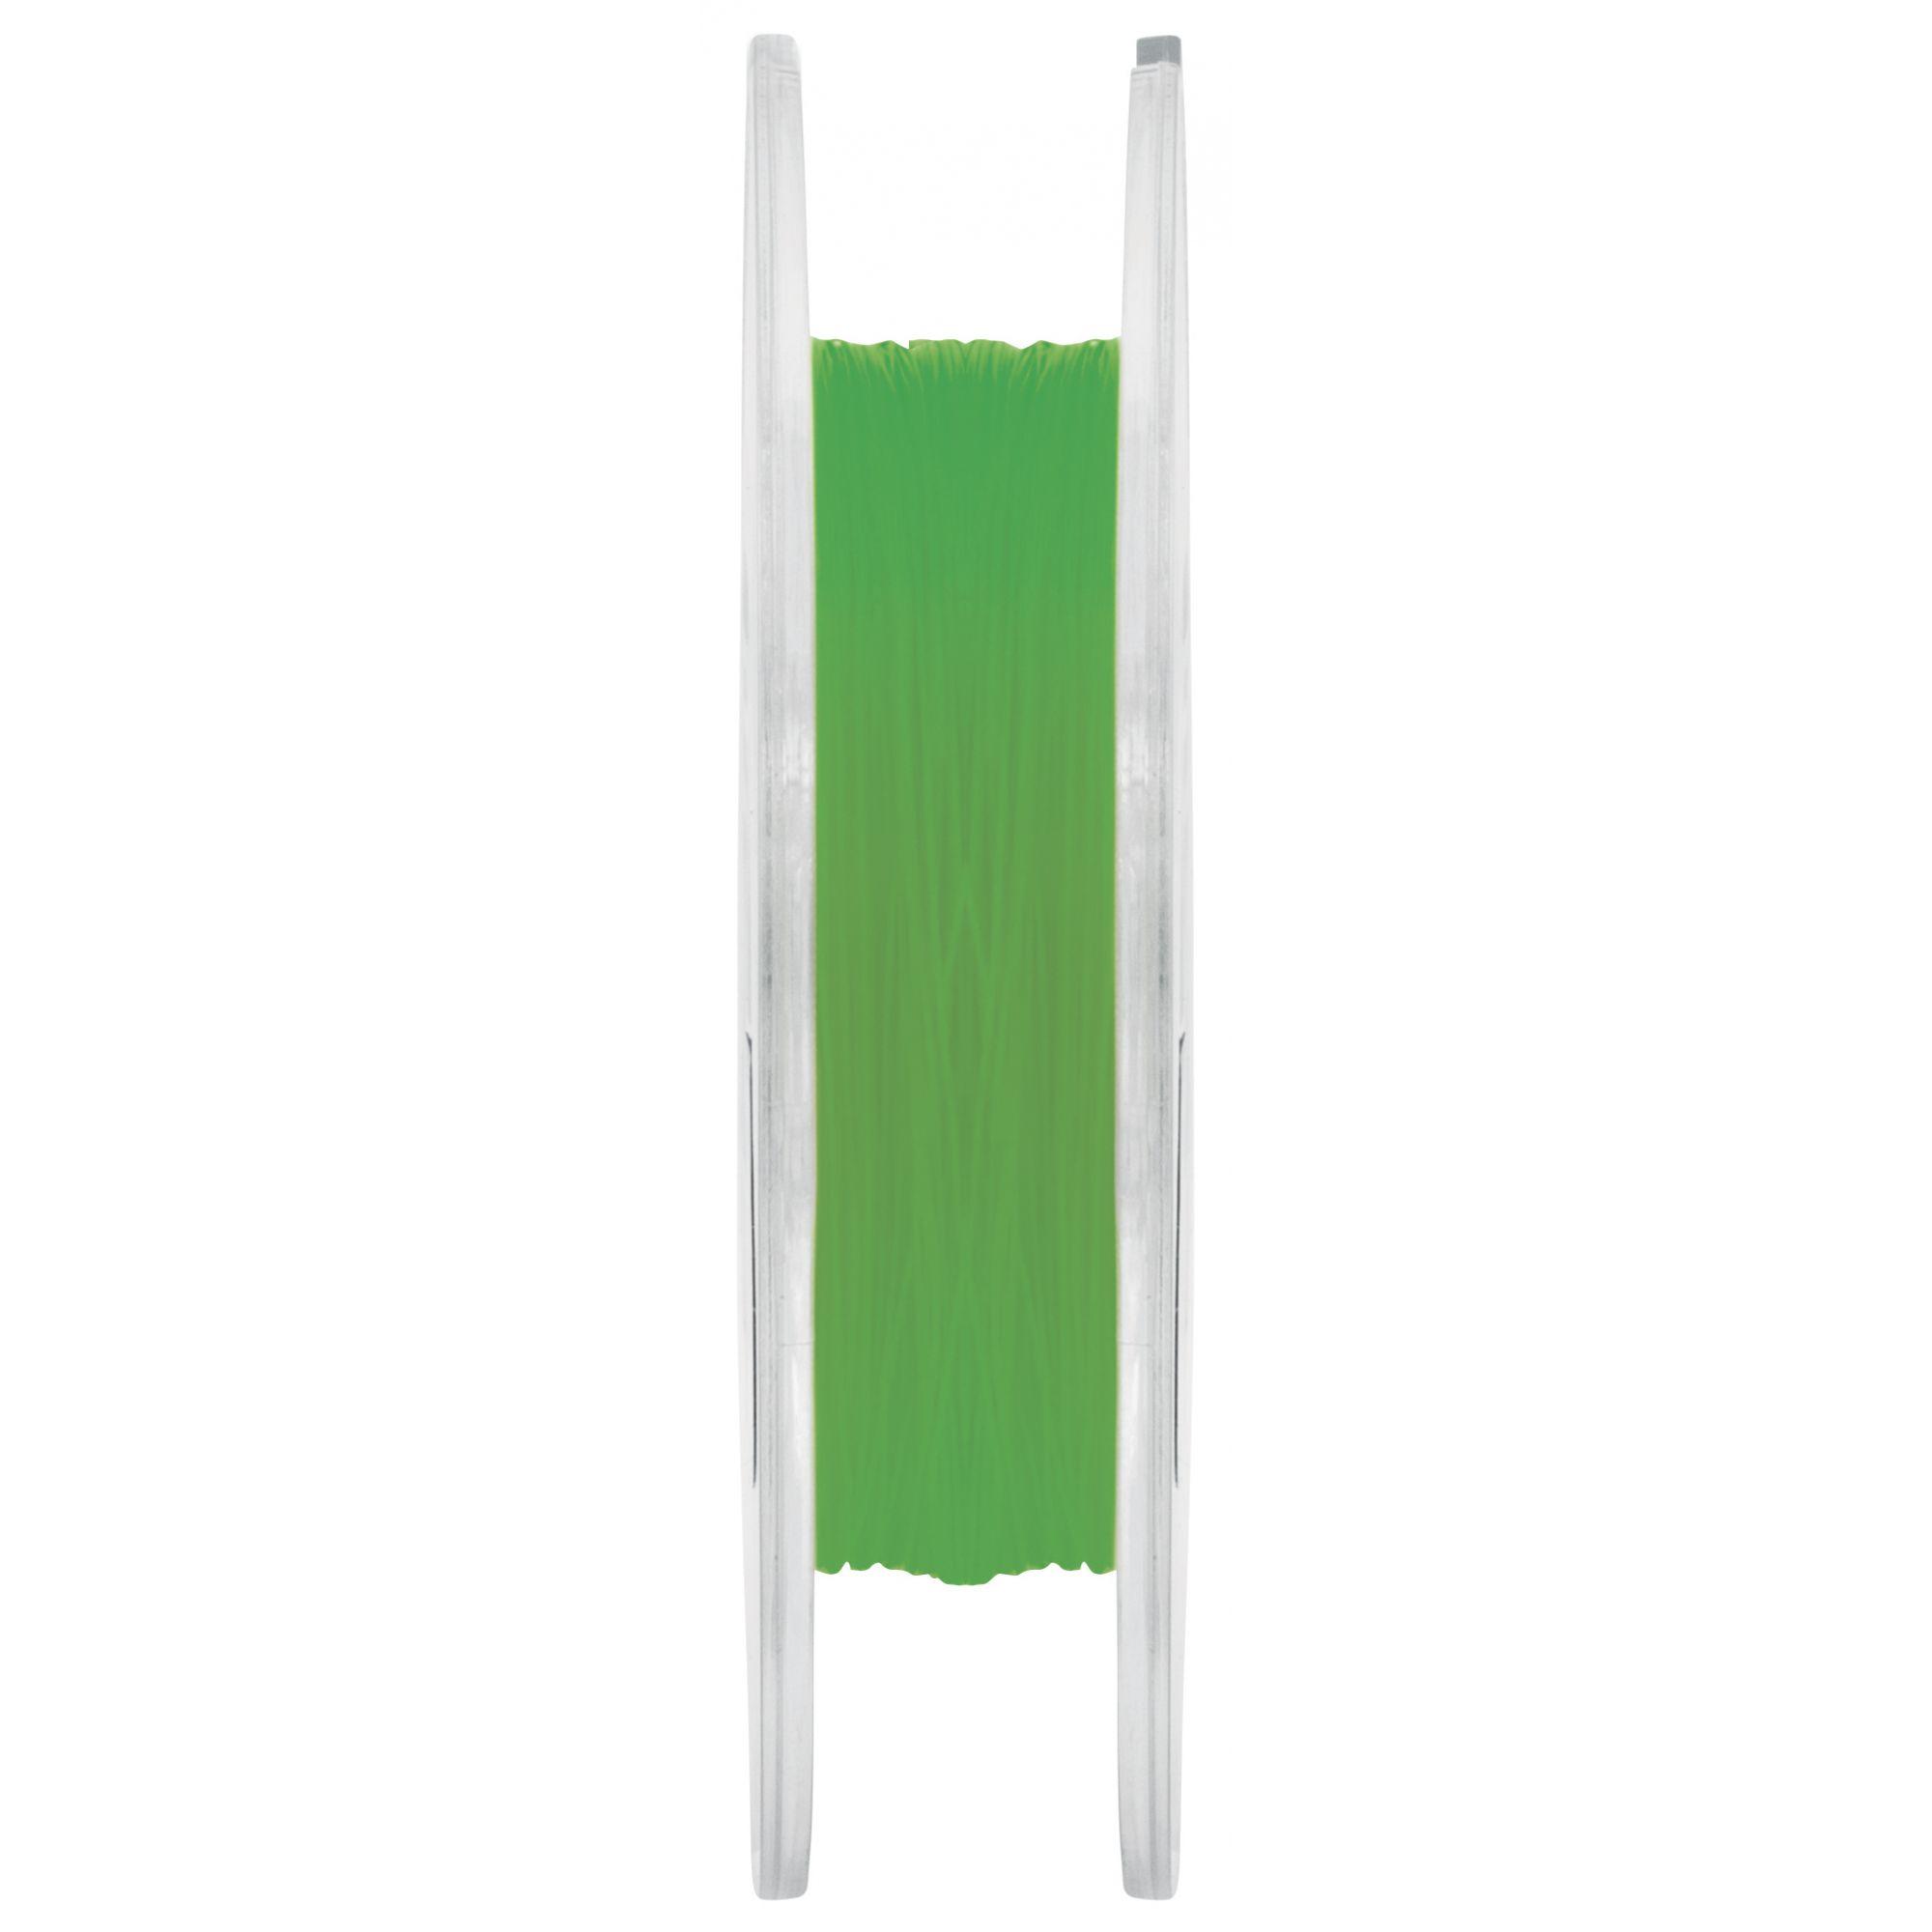 Linha Monofilamento Crown Fiber Soft 0,47mm 42lb/19kg - 250 Metros  - Life Pesca - Sua loja de Pesca, Camping e Lazer